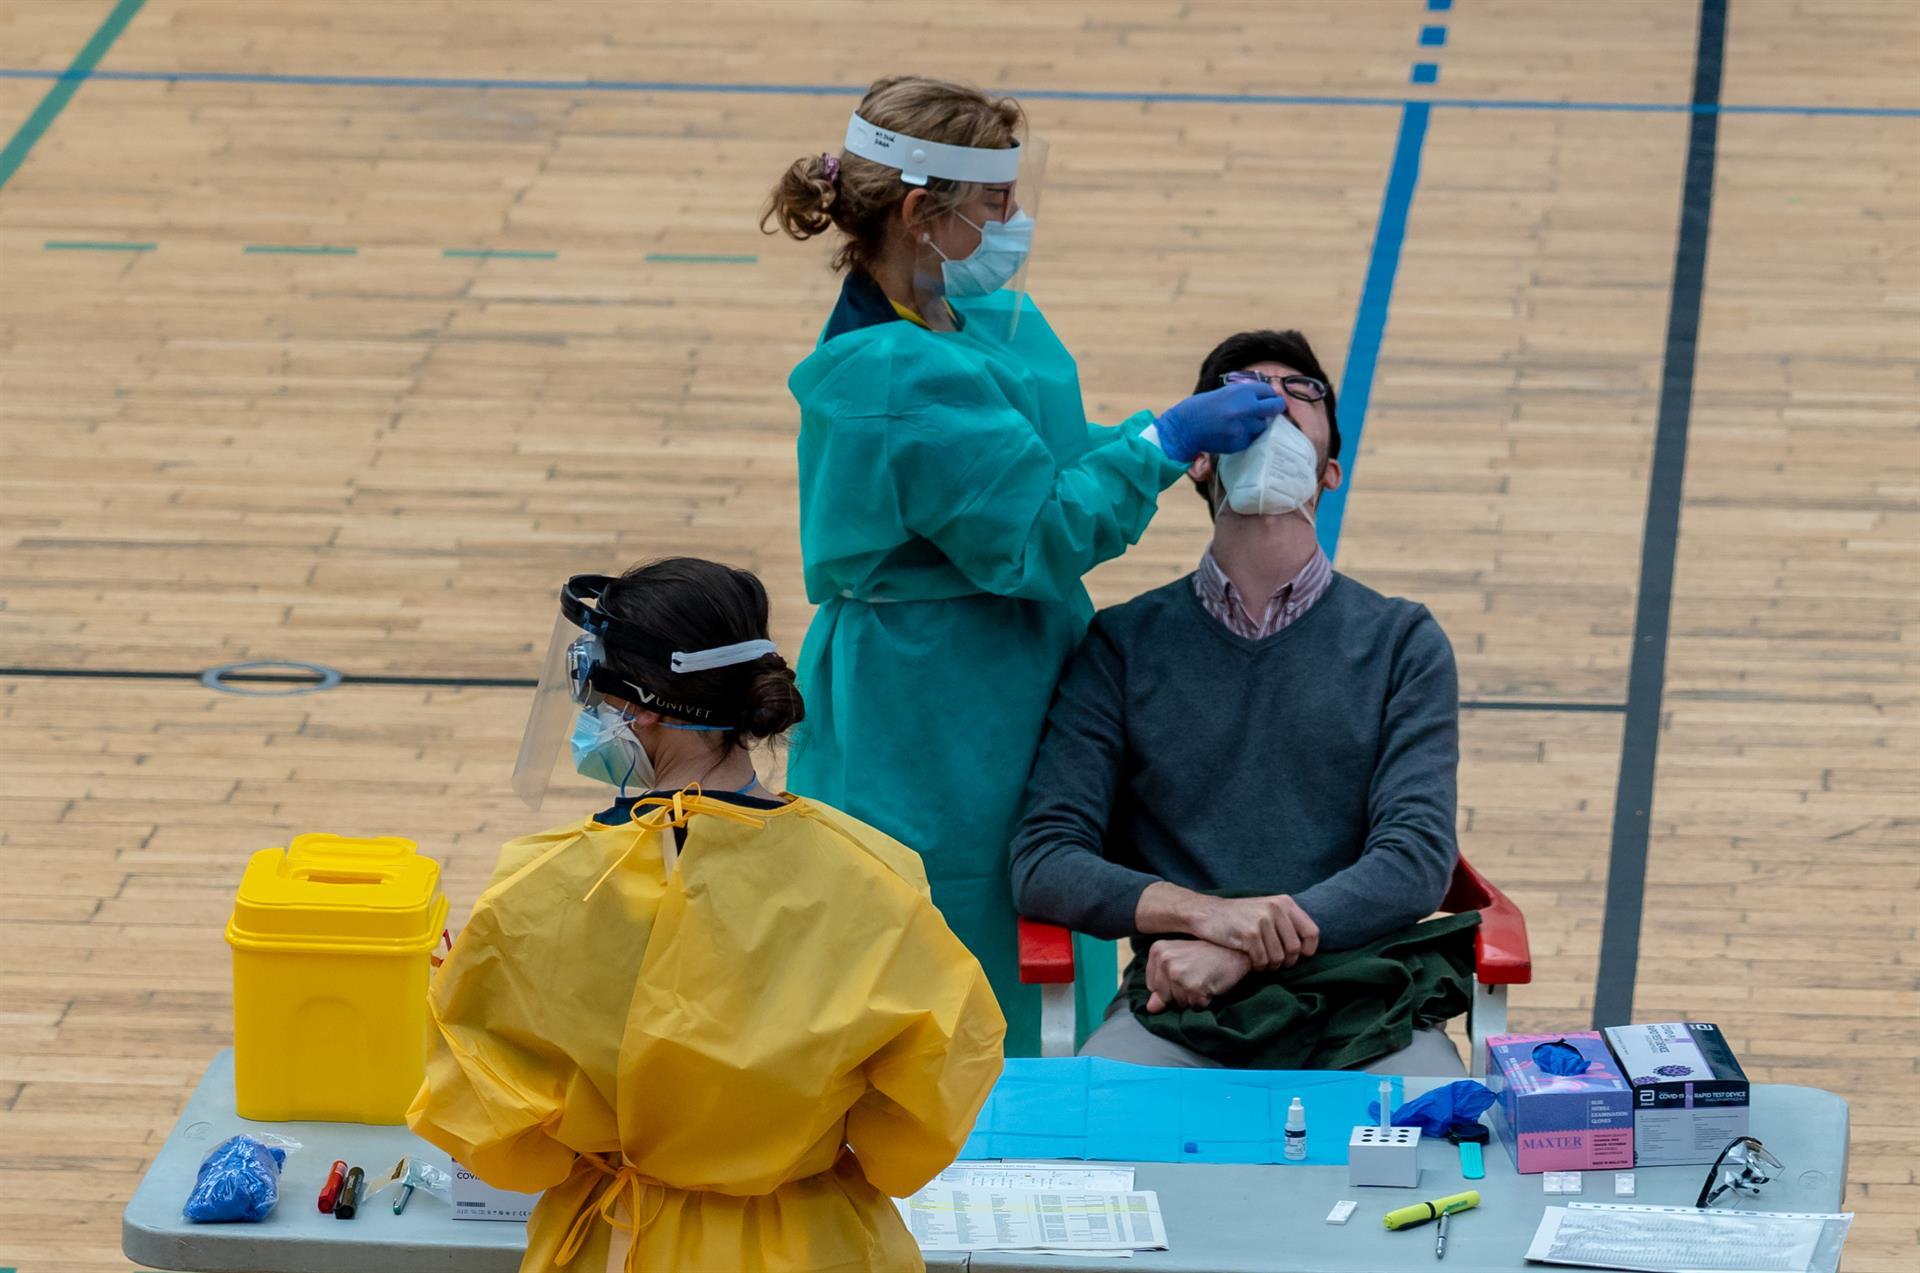 Andalucía alcanza los 4.500 hospitalizados con 83 ingresados más en un día y los pacientes en UCI suben a 654